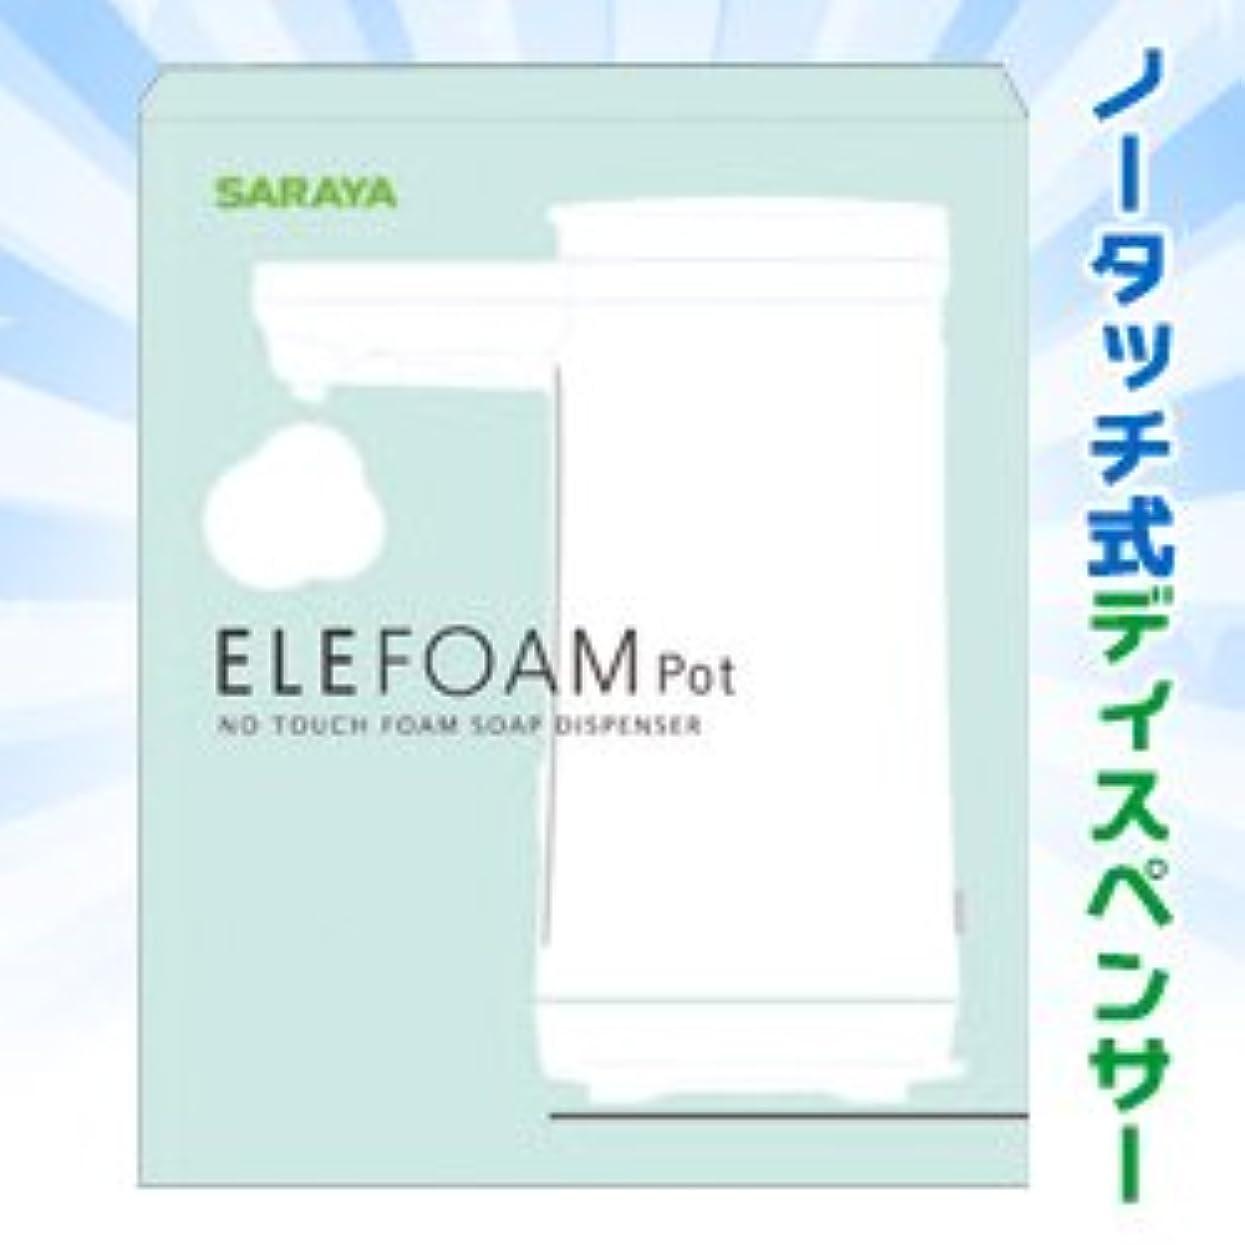 決定するアルファベット順大きい【サラヤ】 ノータッチ式ディスペンサー エレフォームポット ×10個セット